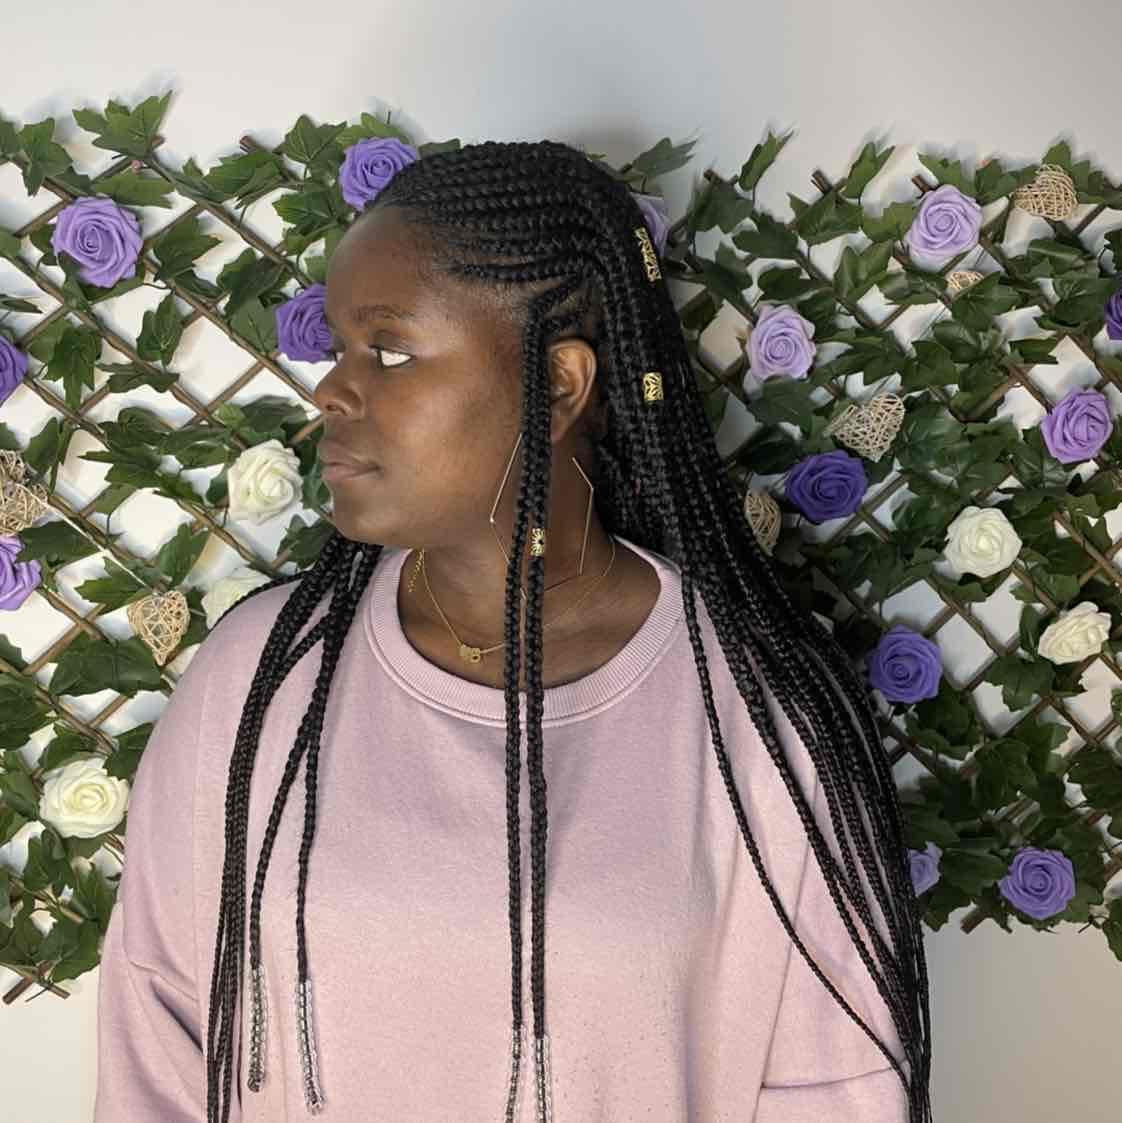 salon de coiffure afro tresse tresses box braids crochet braids vanilles tissages paris 75 77 78 91 92 93 94 95 ZMXORDVK